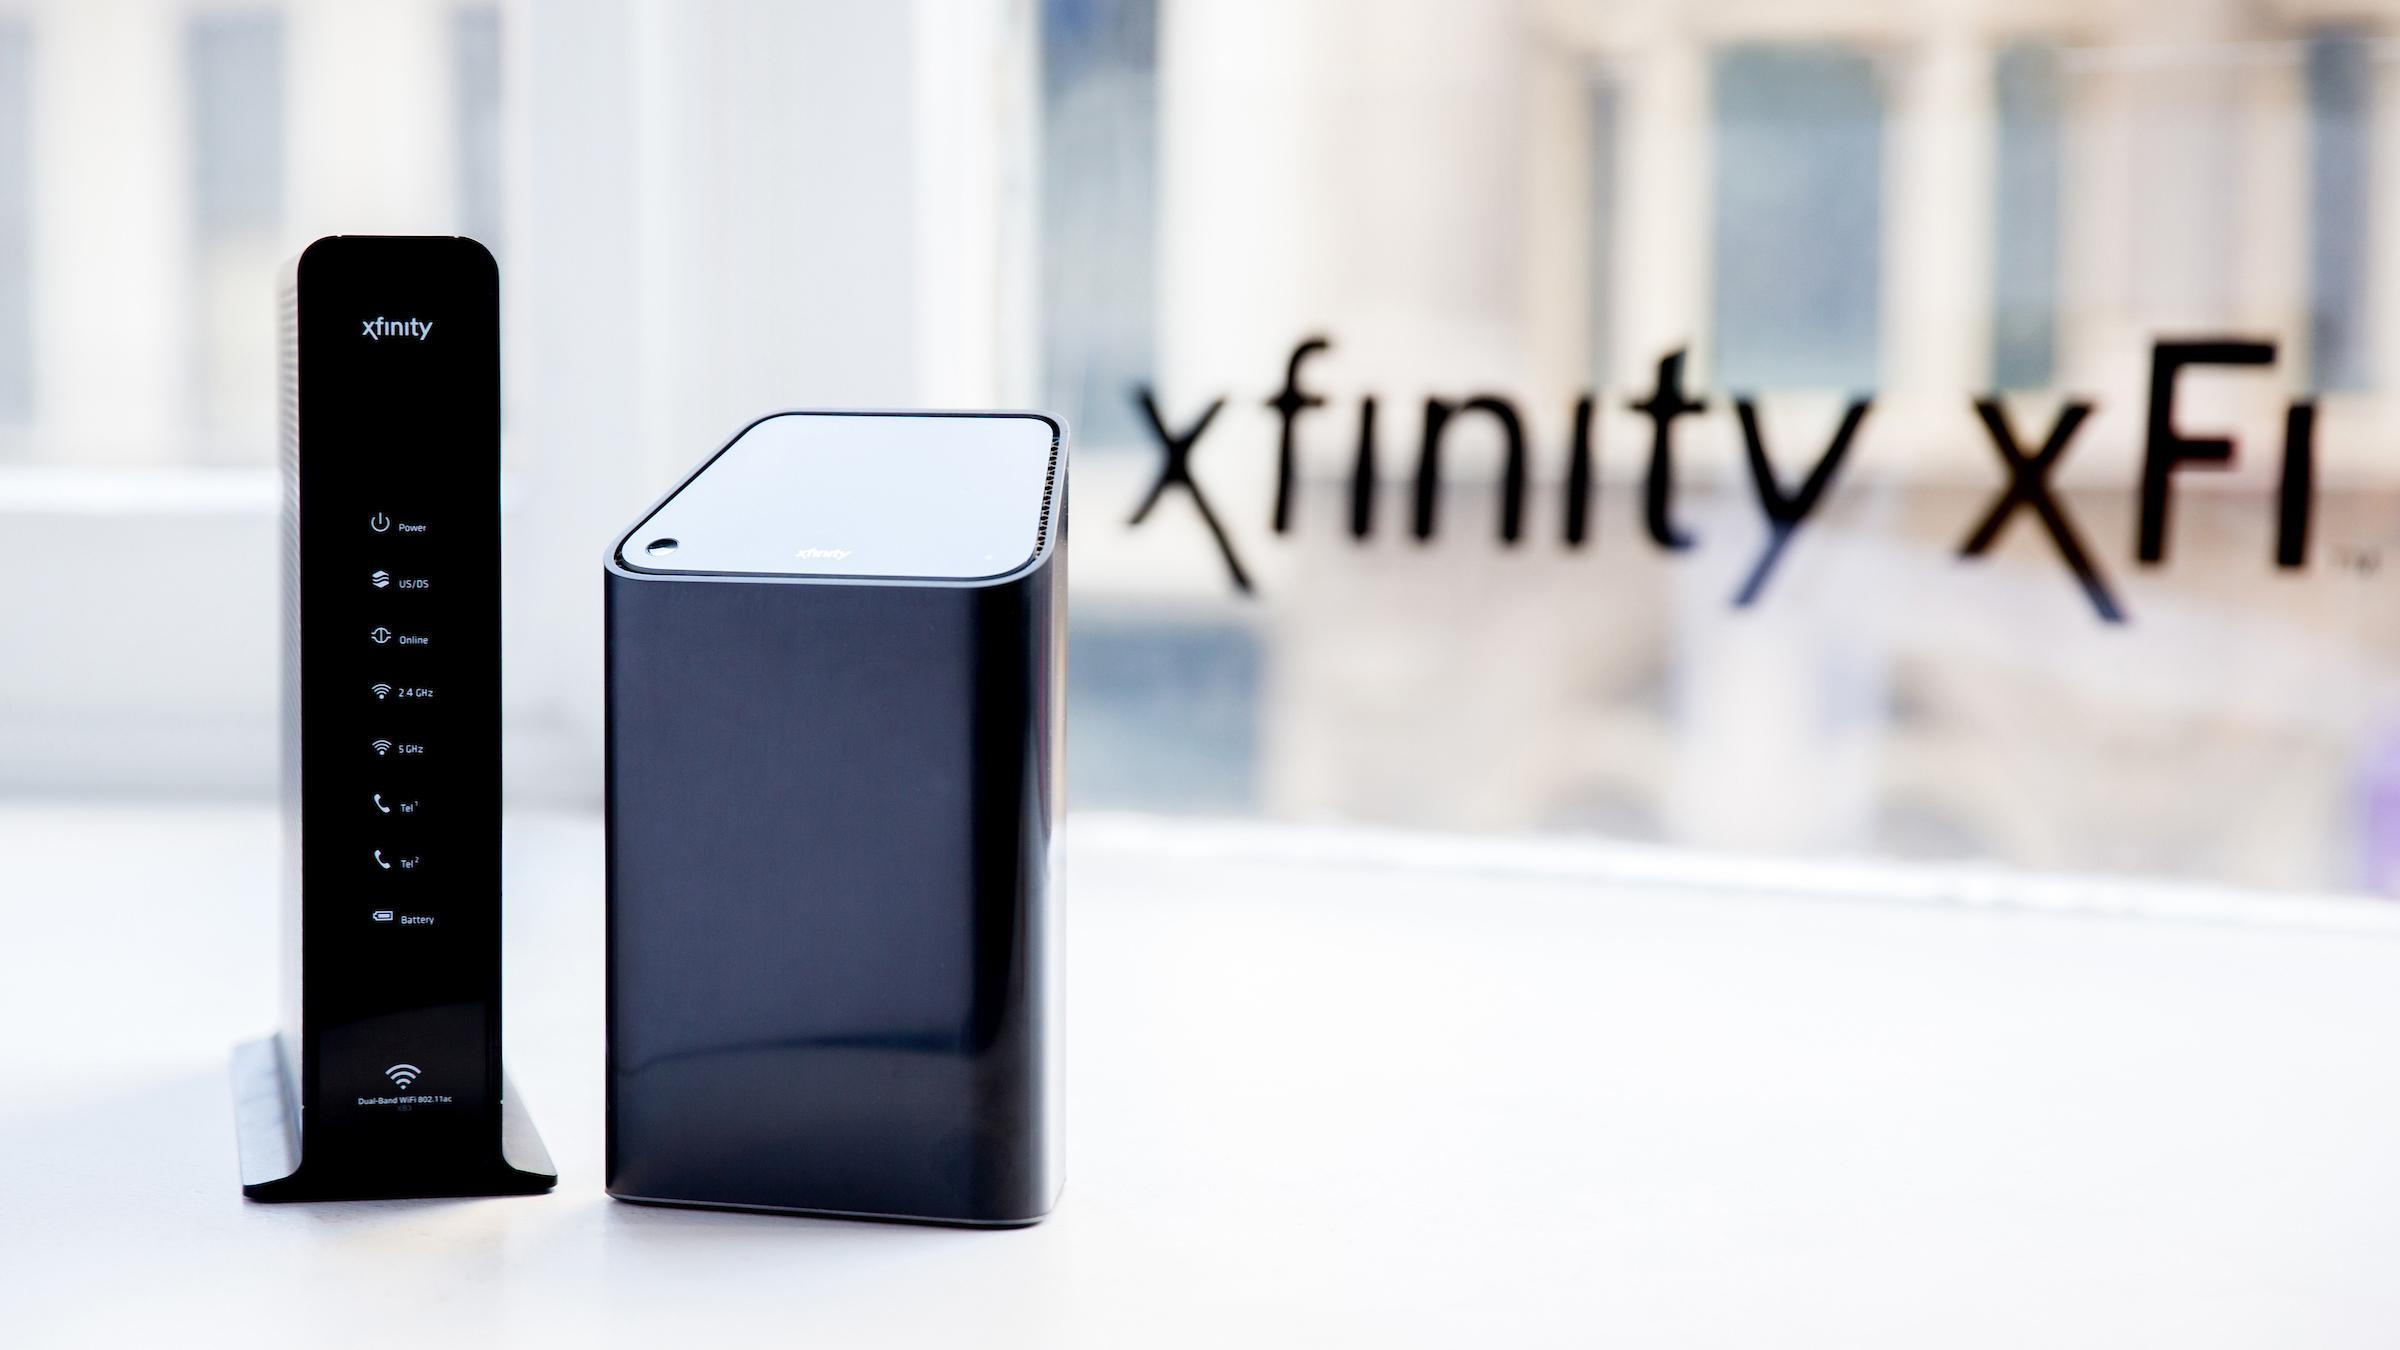 Comcast S Xfinity Xfi Wi Fi Platform Looks To Keep Up With Google Wifi Netgear Orbi Techradar